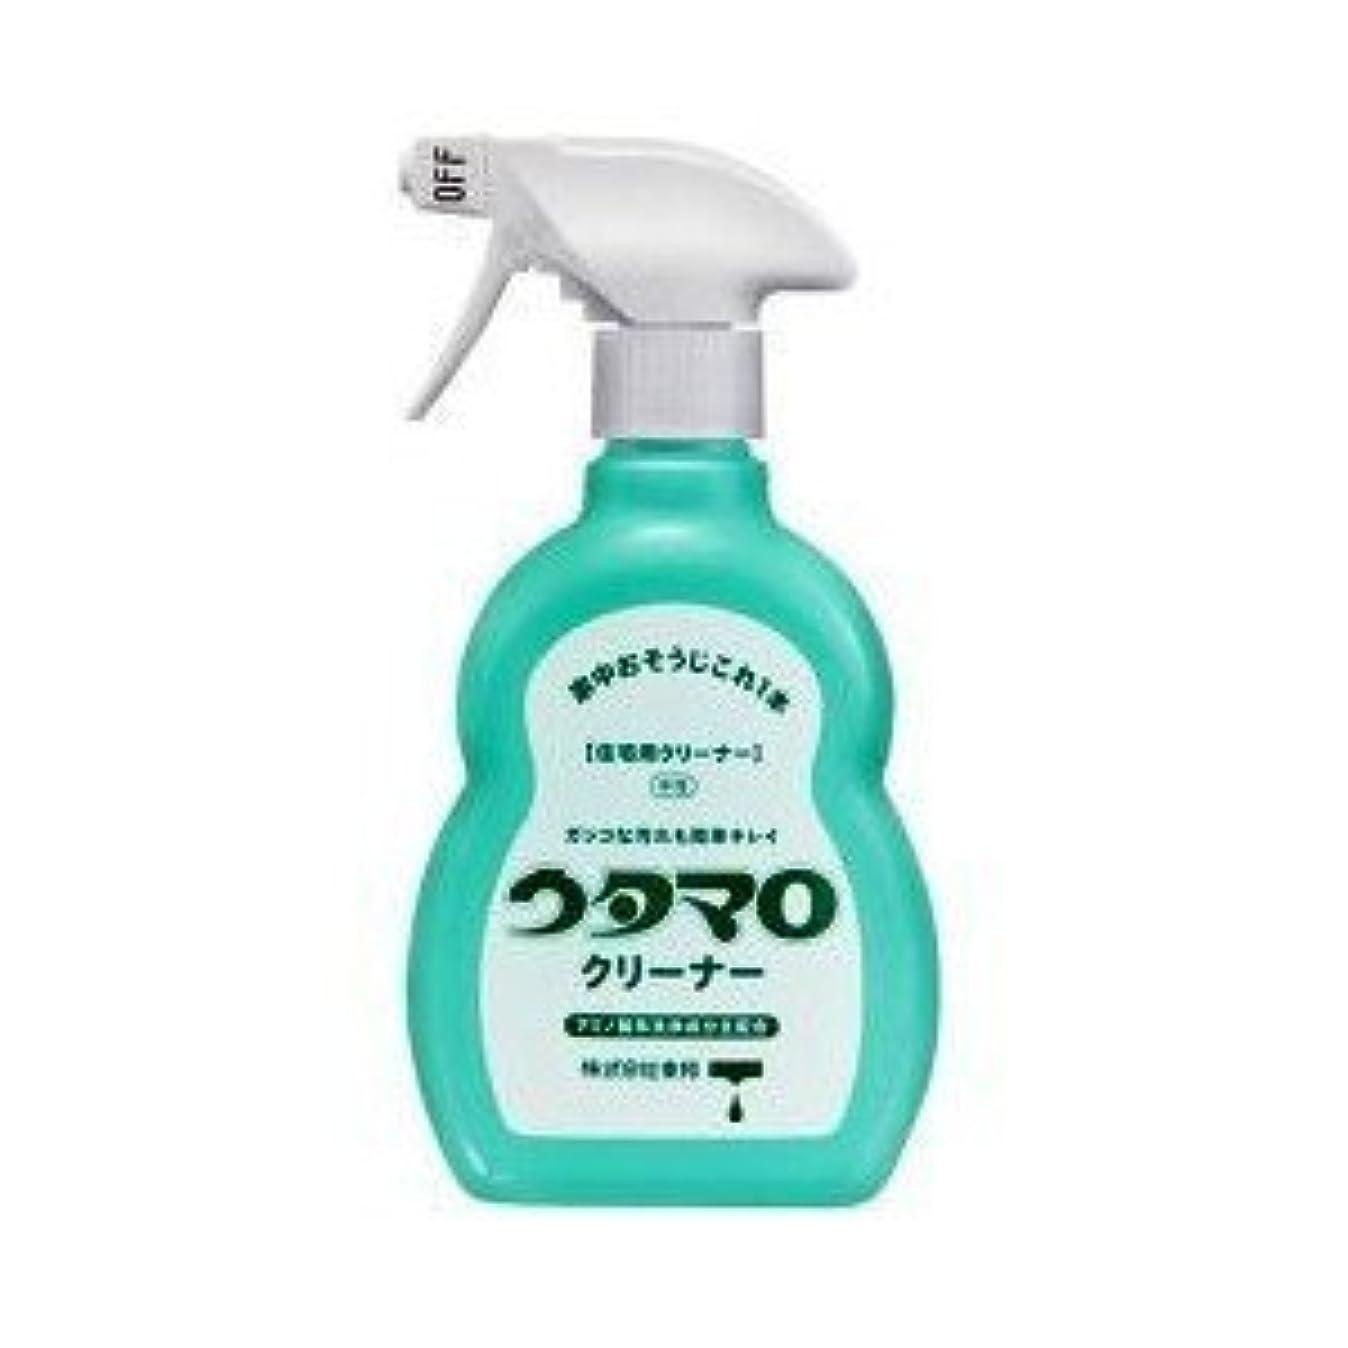 とても幾分電池ウタマロ クリーナー 400ml 洗剤 住居用 アミノ酸系洗浄成分主配合 さわやかなグリーンハーブの香り